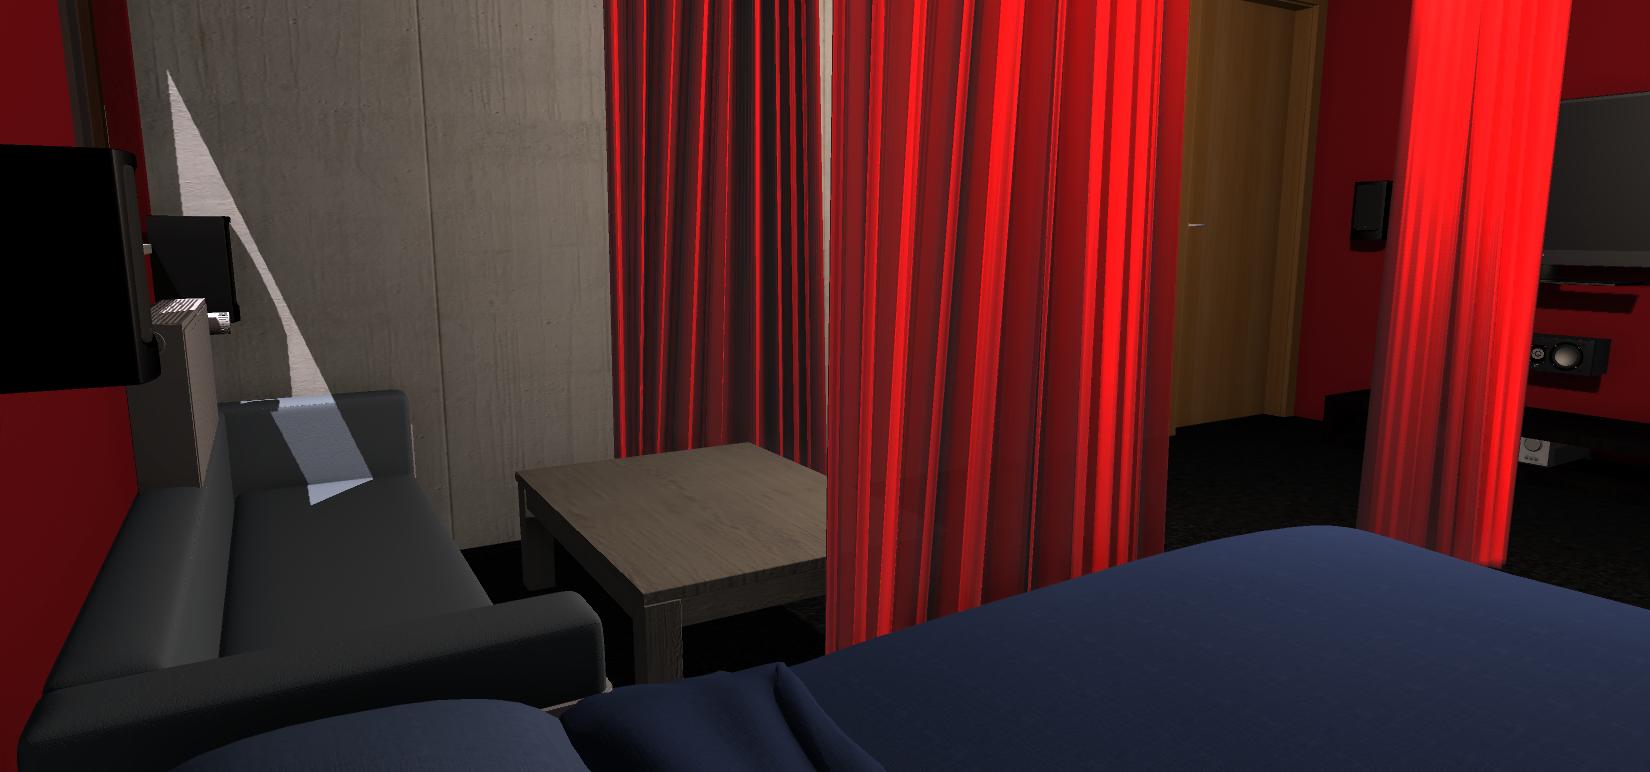 Welche möbel fürs ,,heimkino`` (kinder, kino, jugend)